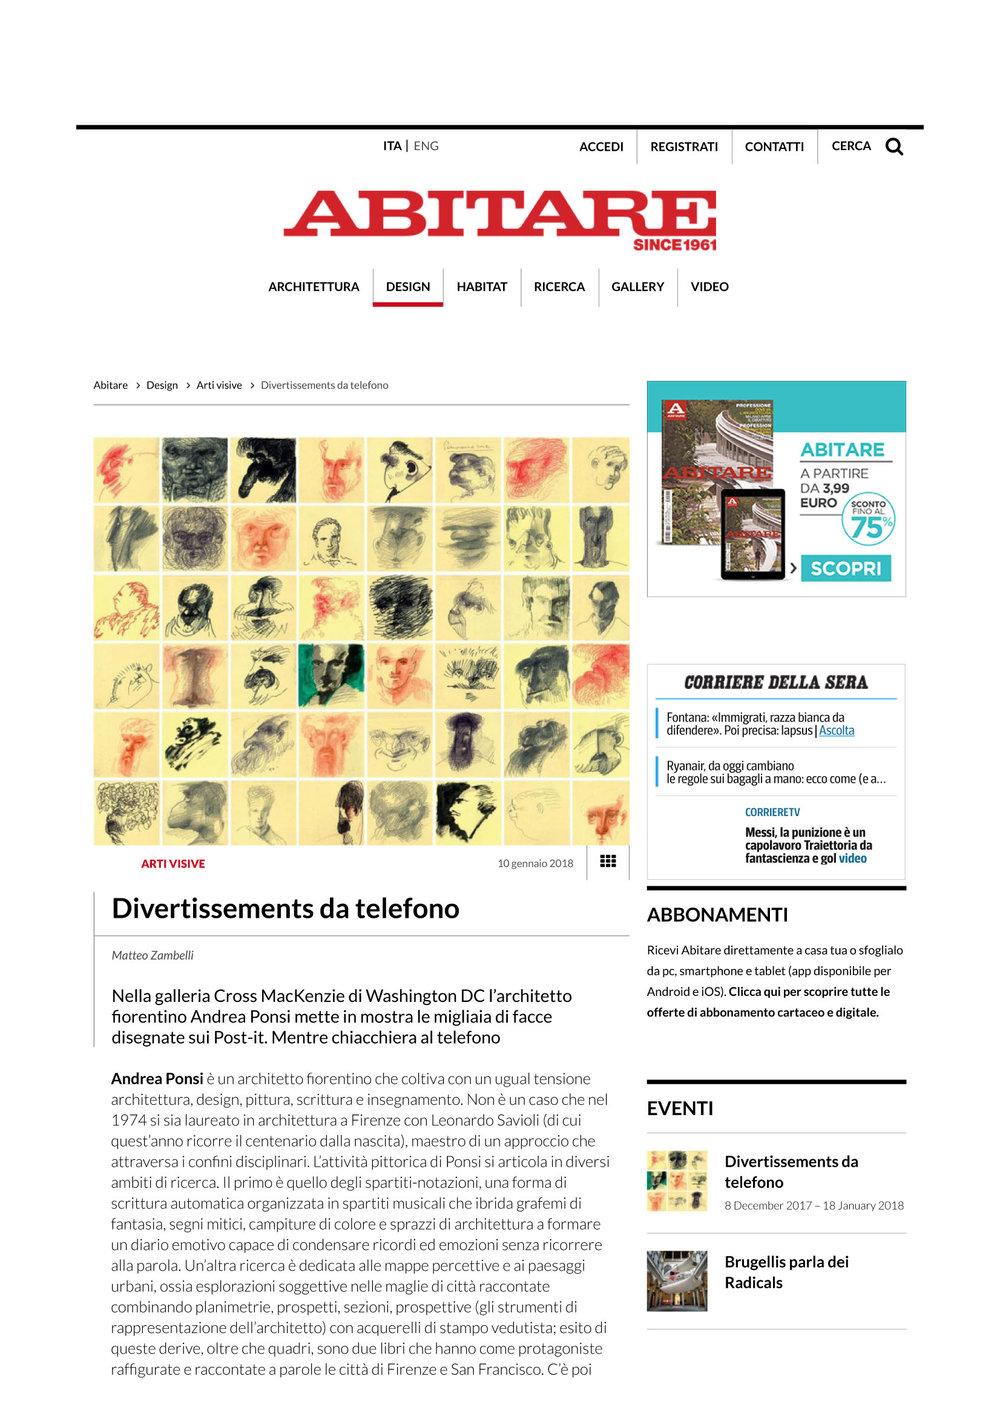 articolo_Face_it_ABITARE_2017_ITA-1.jpg